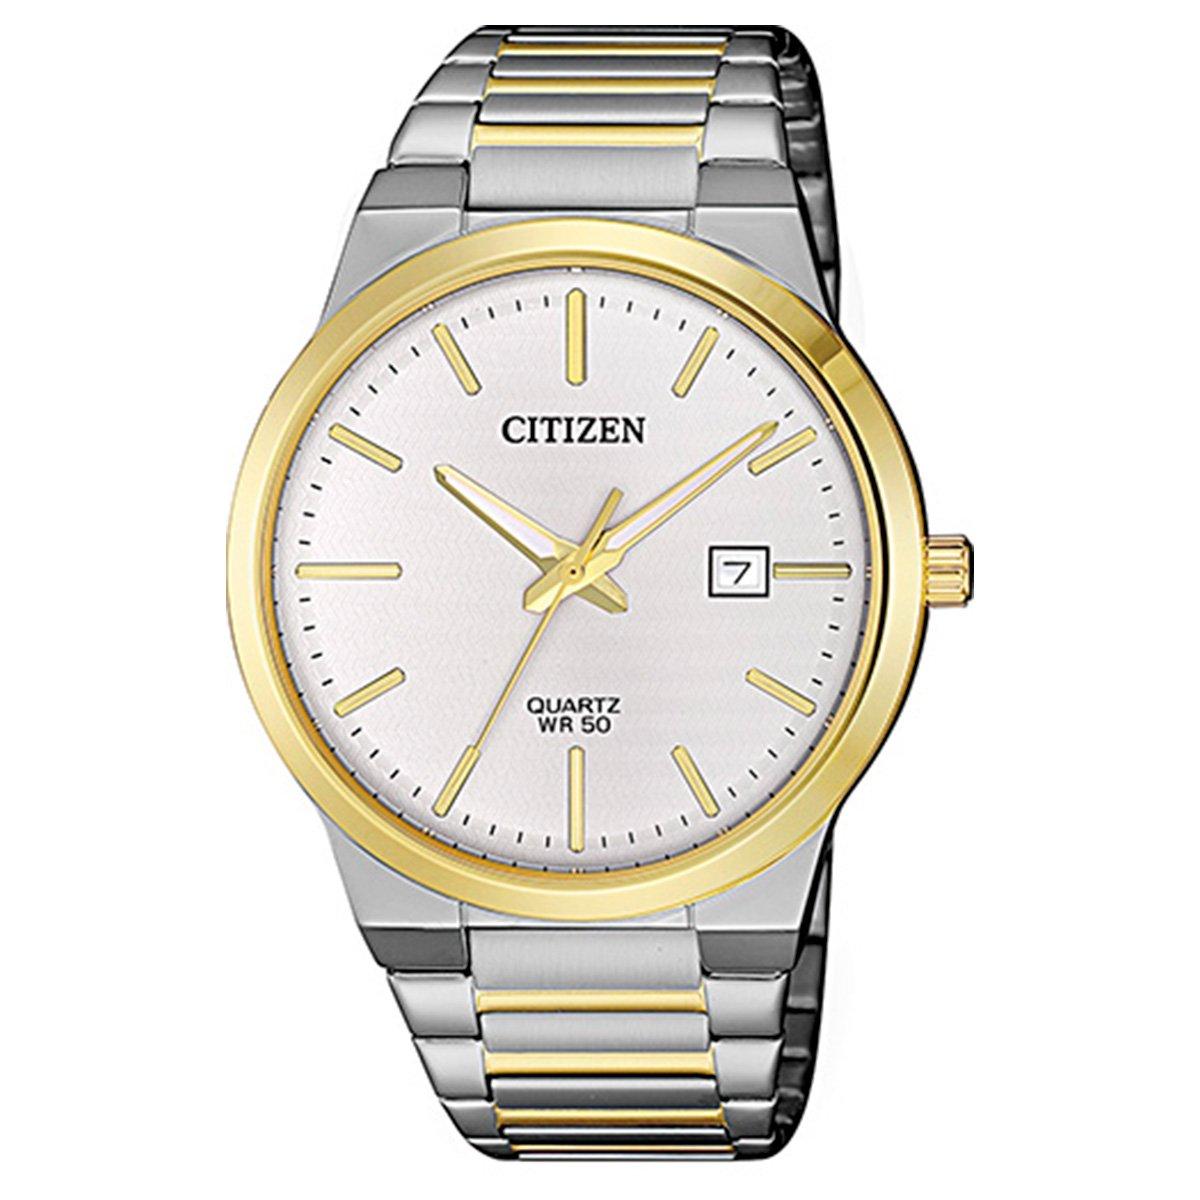 8bd30200bdd Relógio Citizen Analógico TZ20831S Masculino